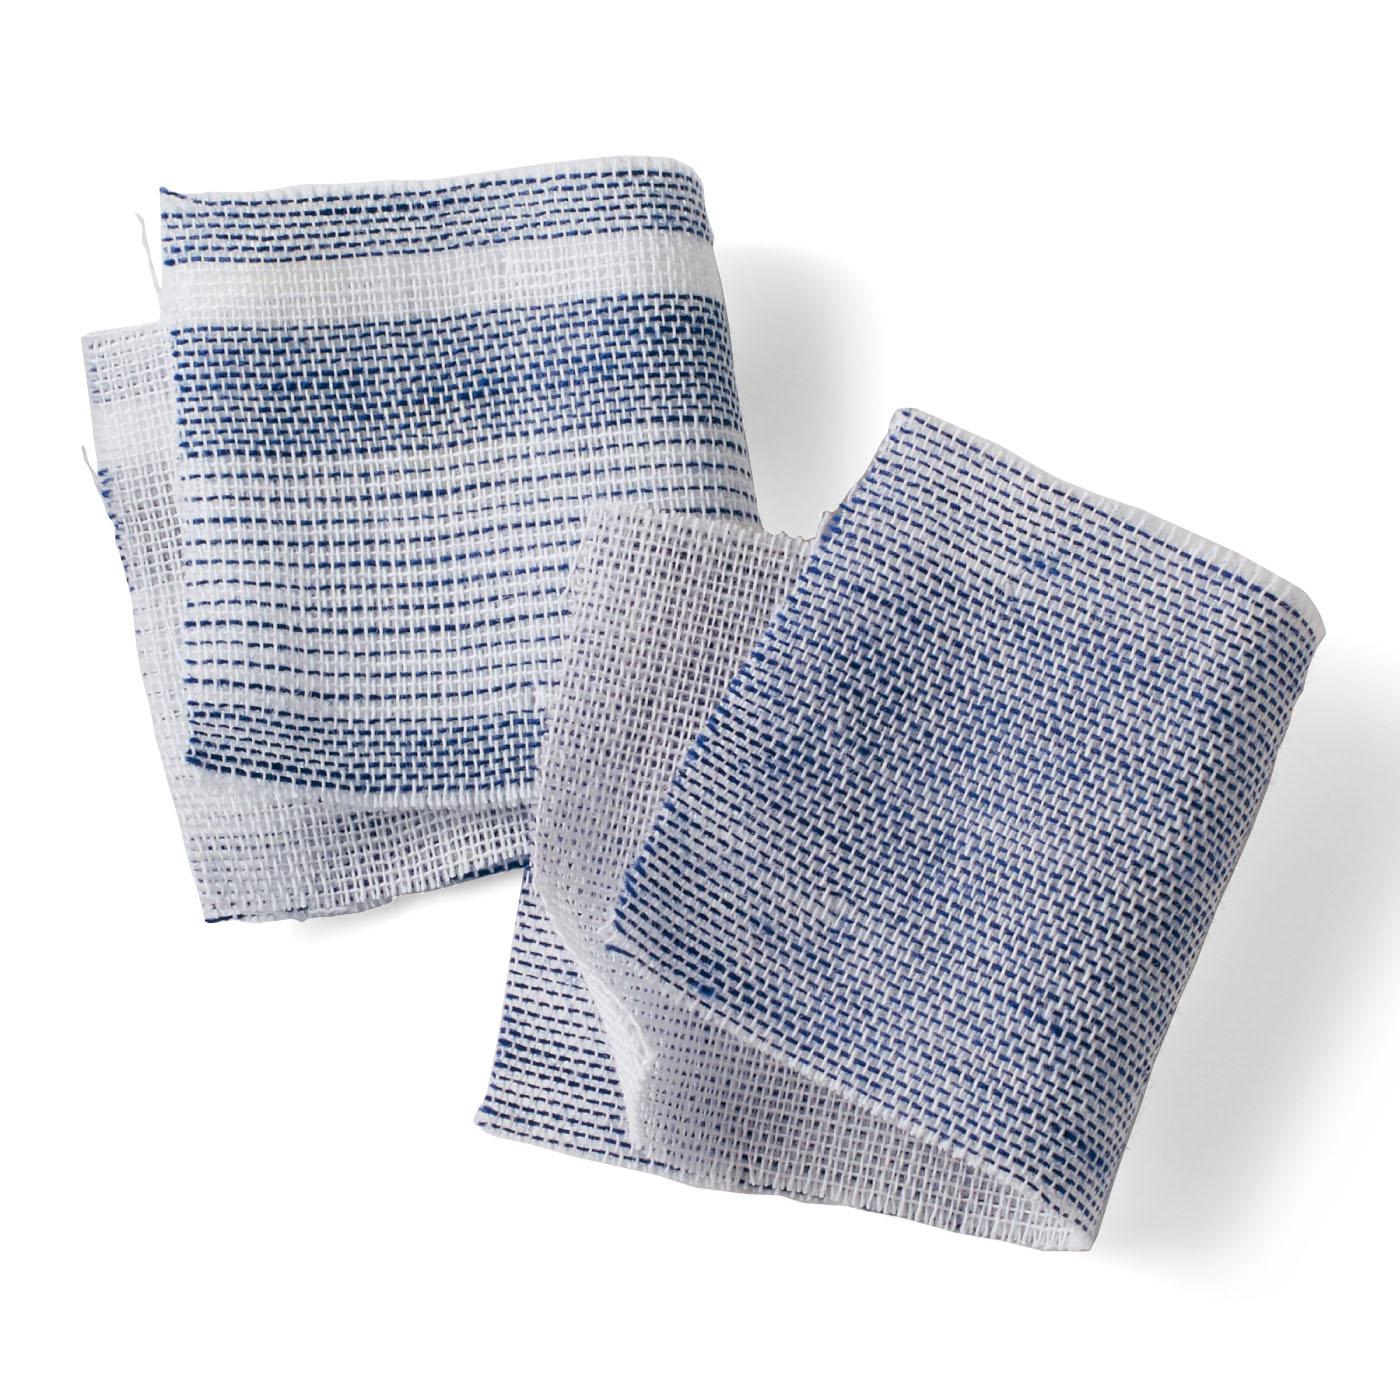 3シーズン快適に着られる、綿100%のダブルガーゼ素材。洗うほどに肌なじみのよいやわらかな風合いに。